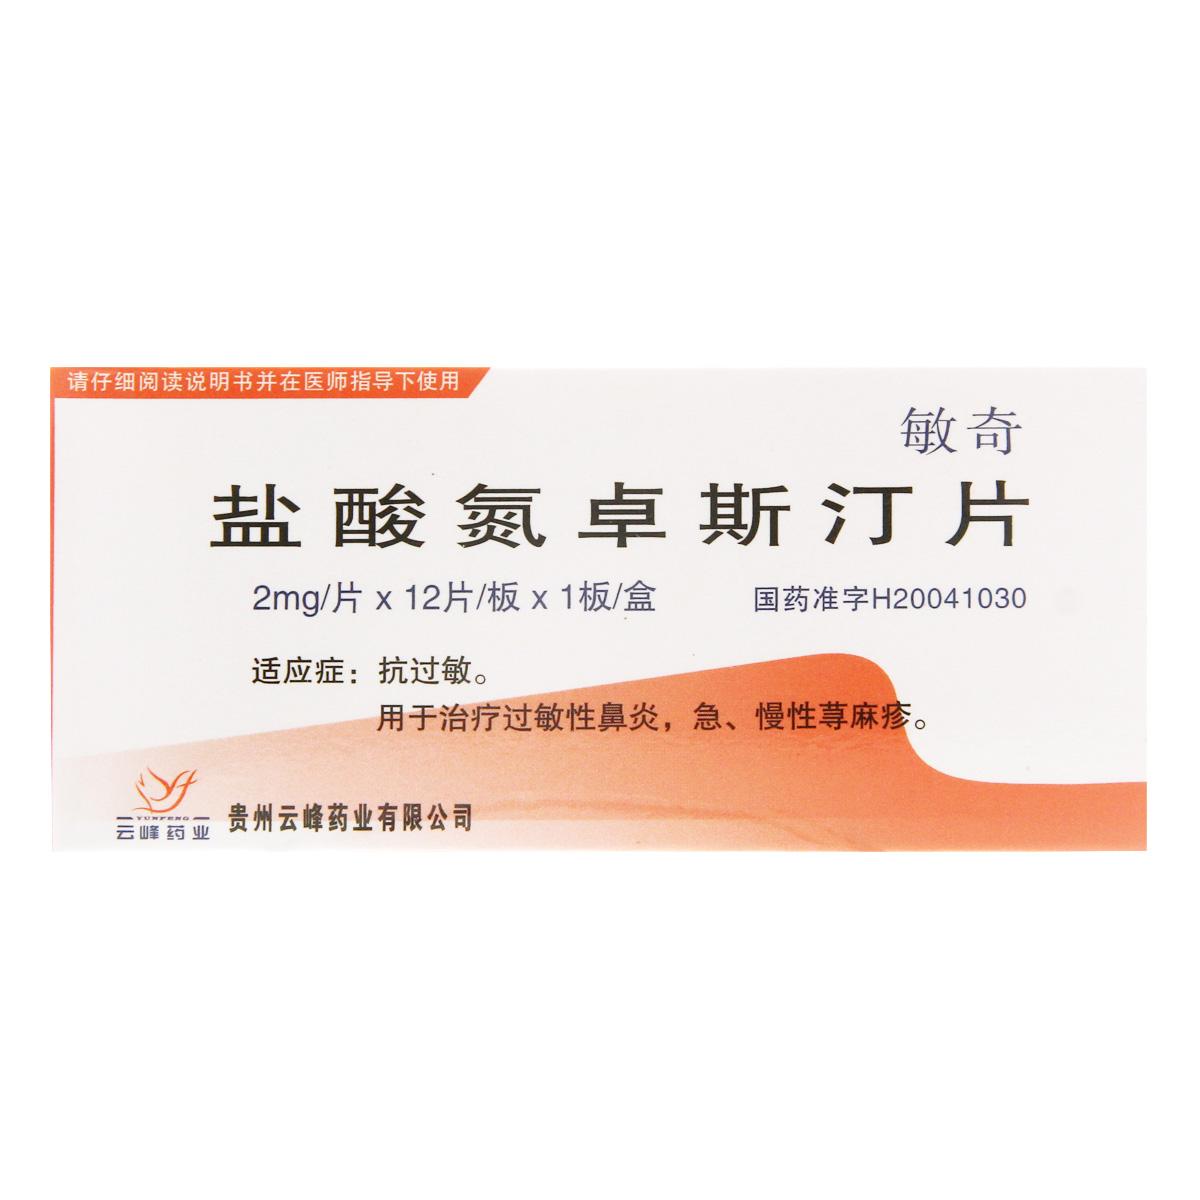 Min Qi Min Qi Azelastine Гидрохлорид таблетки 2 мг * 12 таблеток / ящик